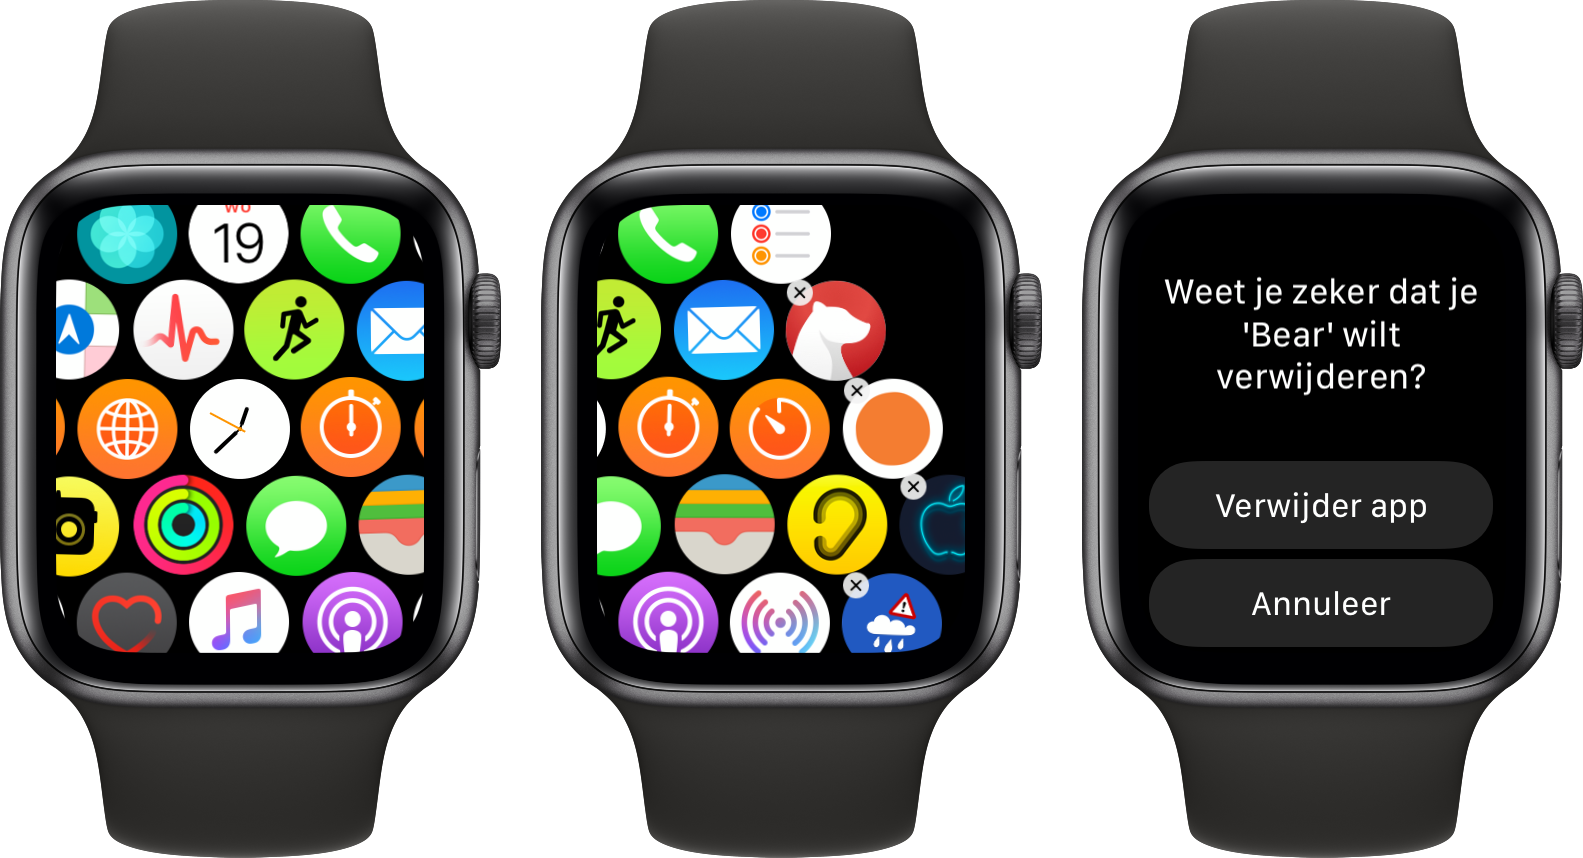 Apple Watch verwijderen standaard apps watchOS 6